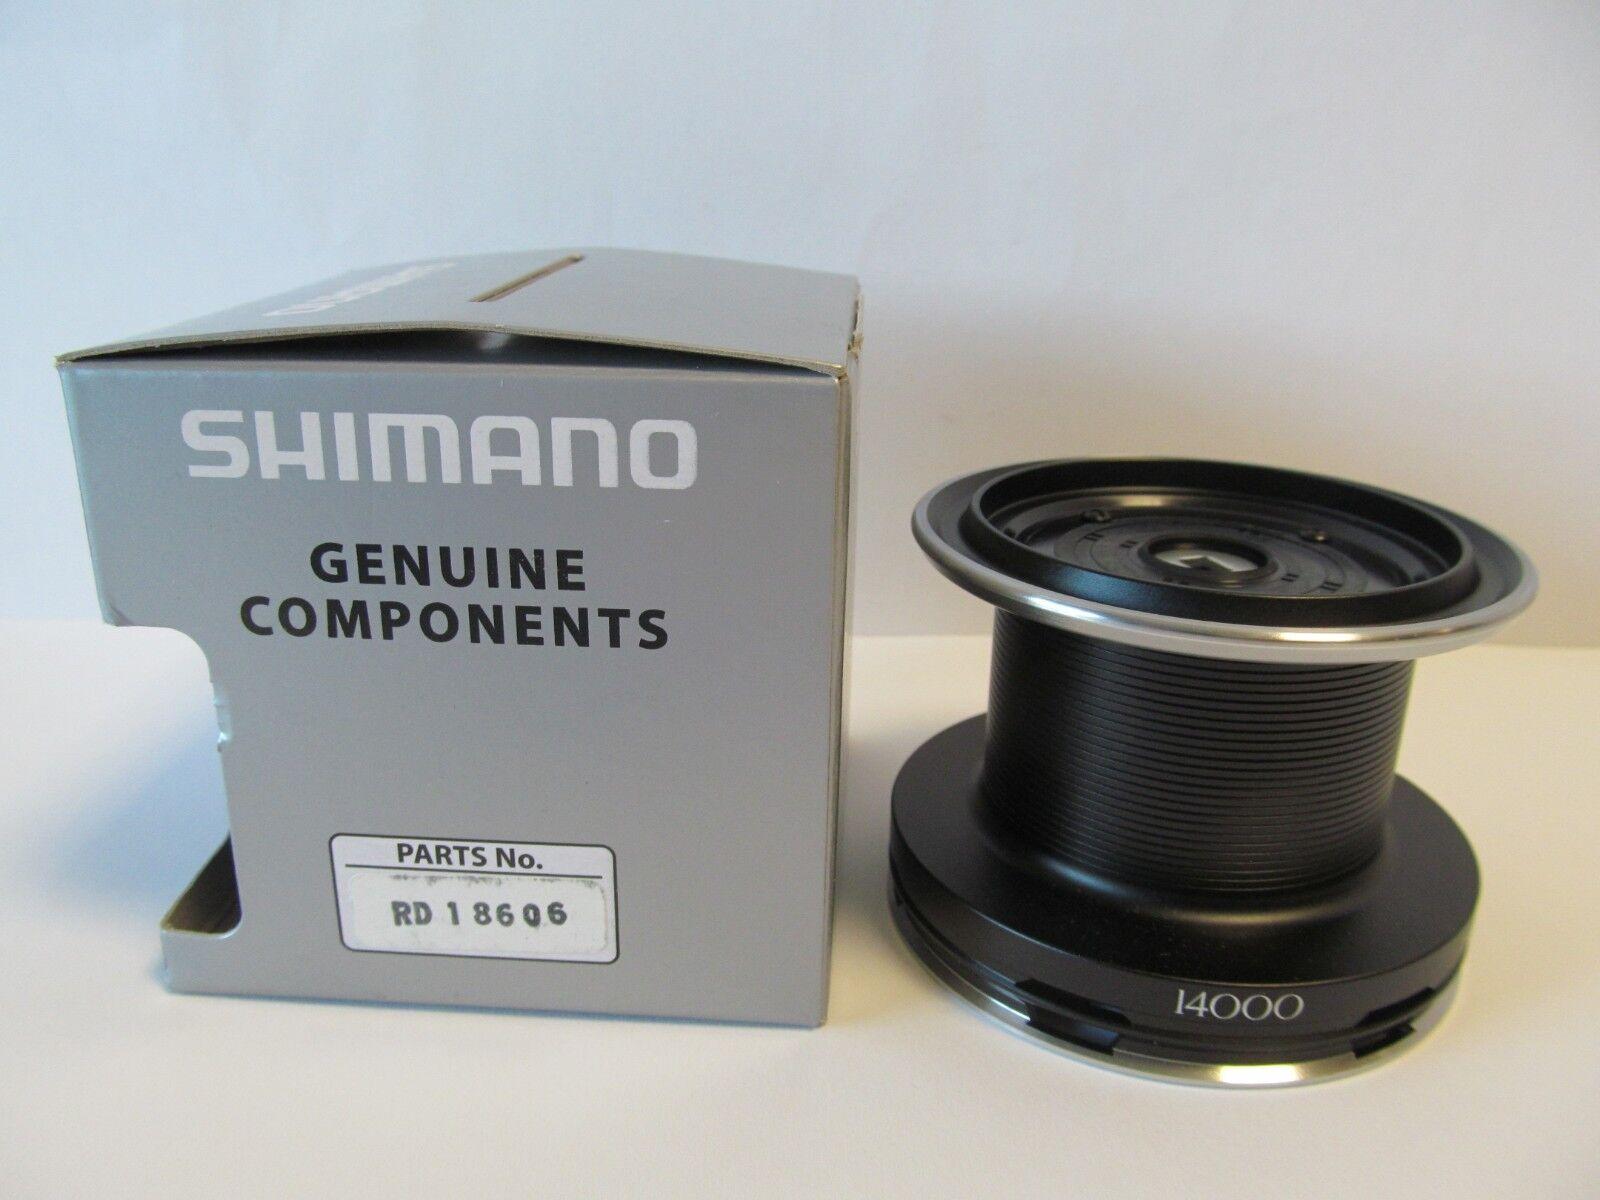 Cocherete de repuesto Shimano para adaptarse a la alimentación Aero 14000 XTB (RD 18606)